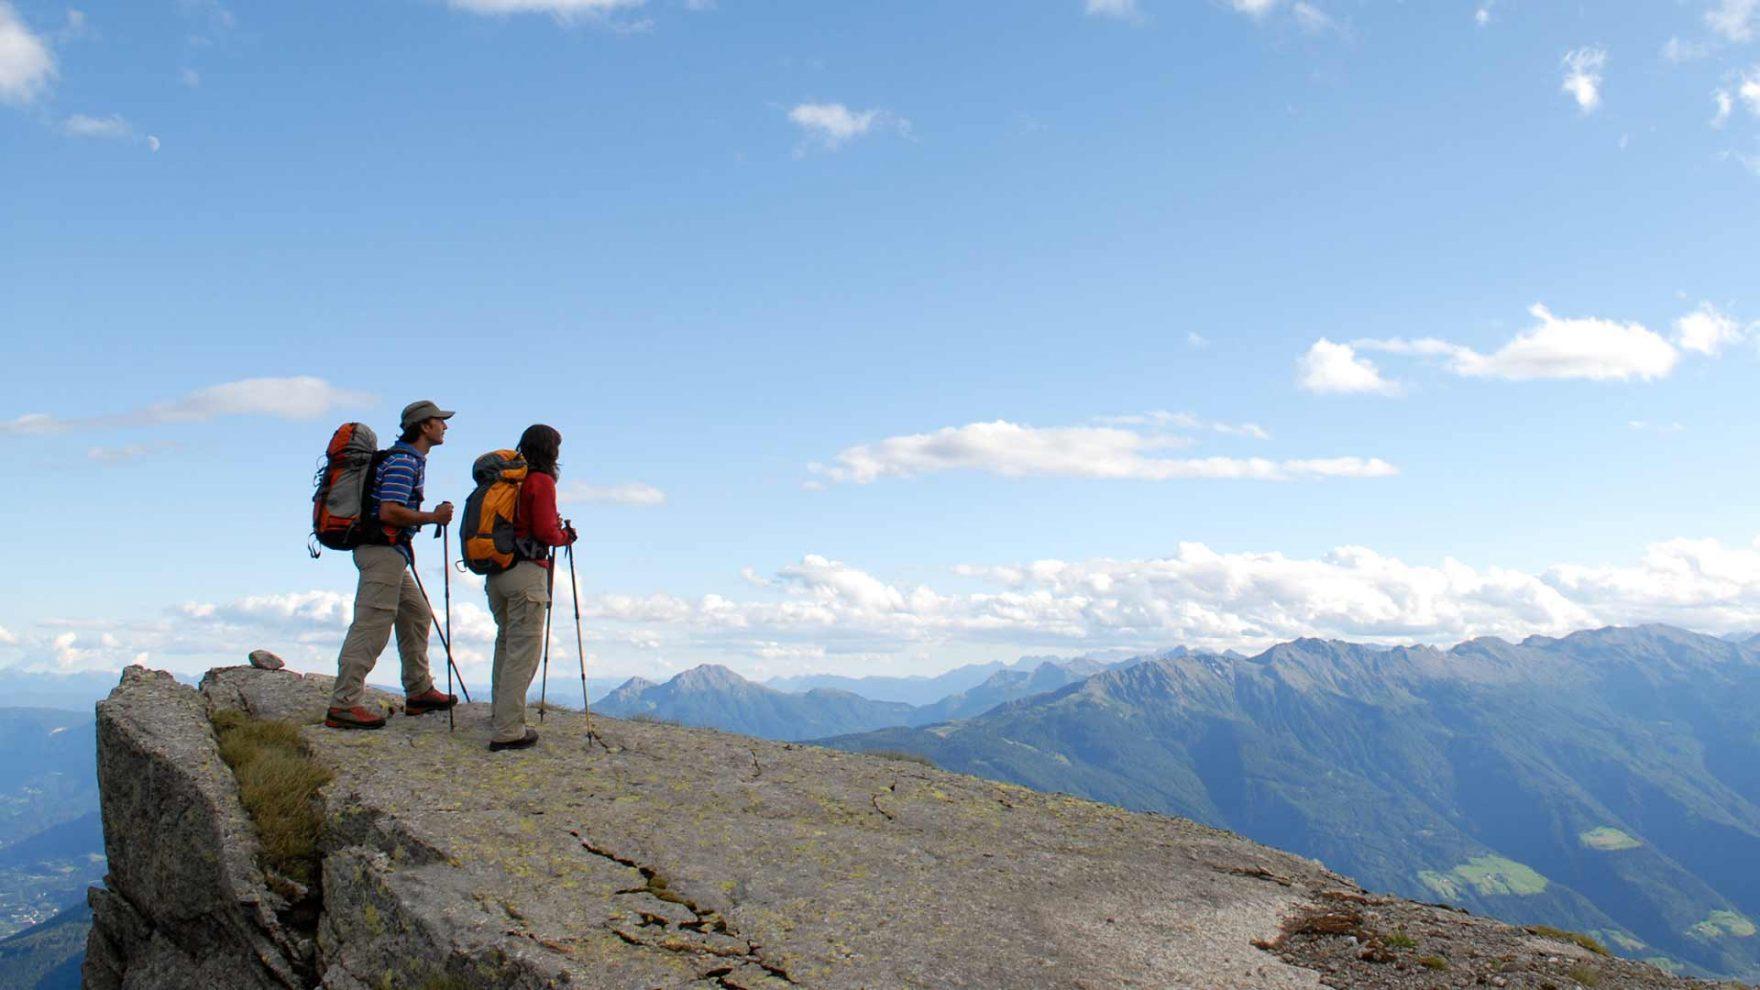 Escursione in montagna a Merano e dintorni